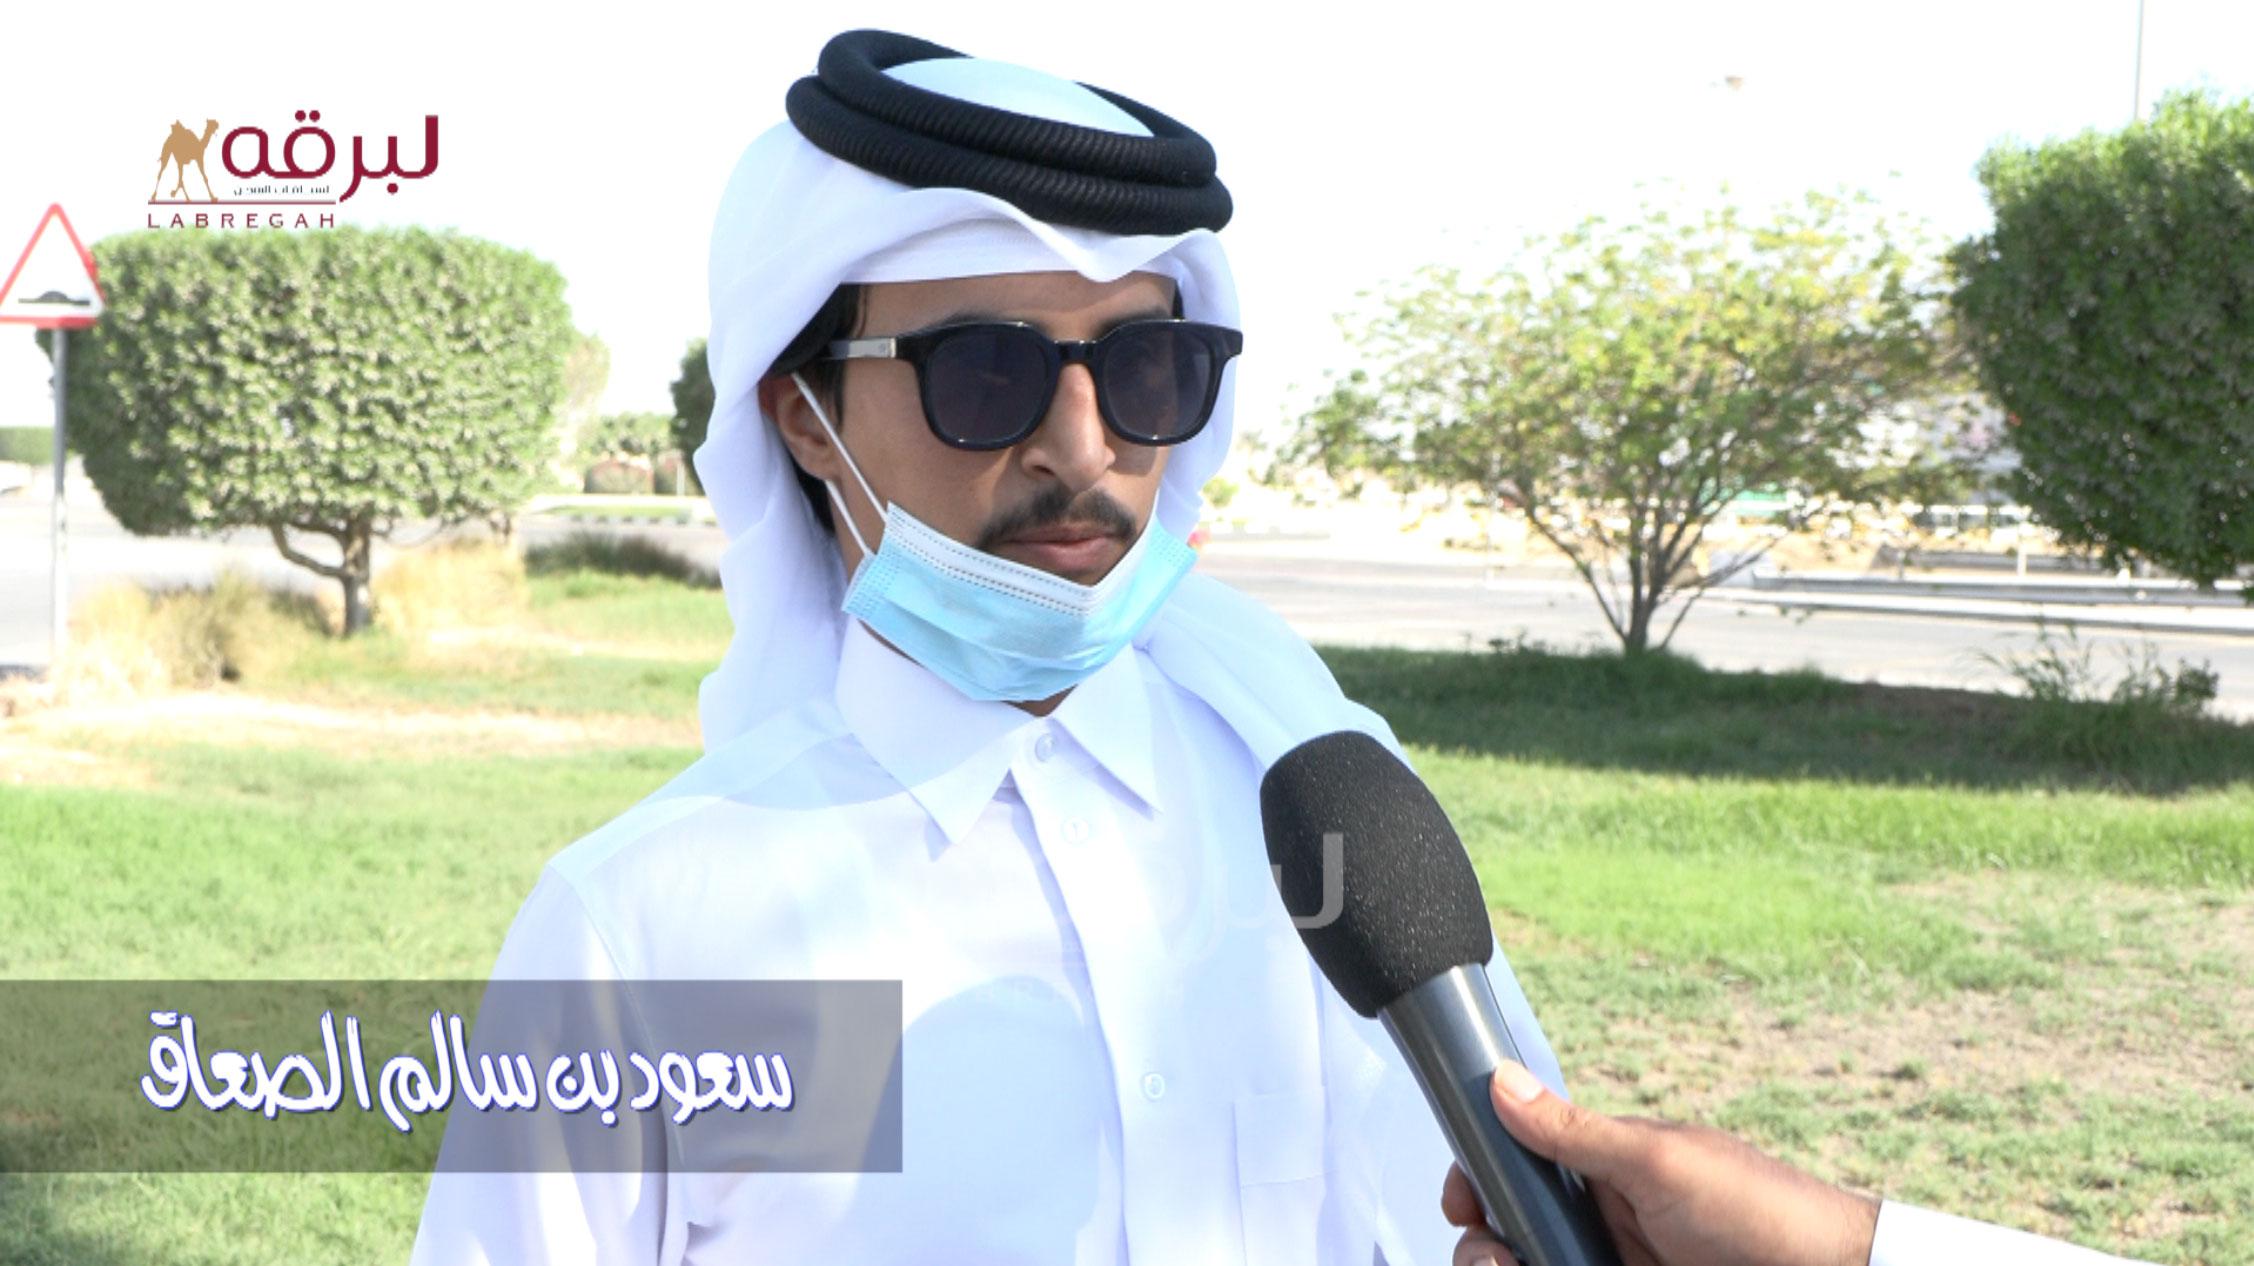 لقاء مع سعود بن سالم الصعاق.. الشوط الرئيسي للثنايا بكار (إنتاج) ميدان الشحانية ٢٤-٩-٢٠٢١